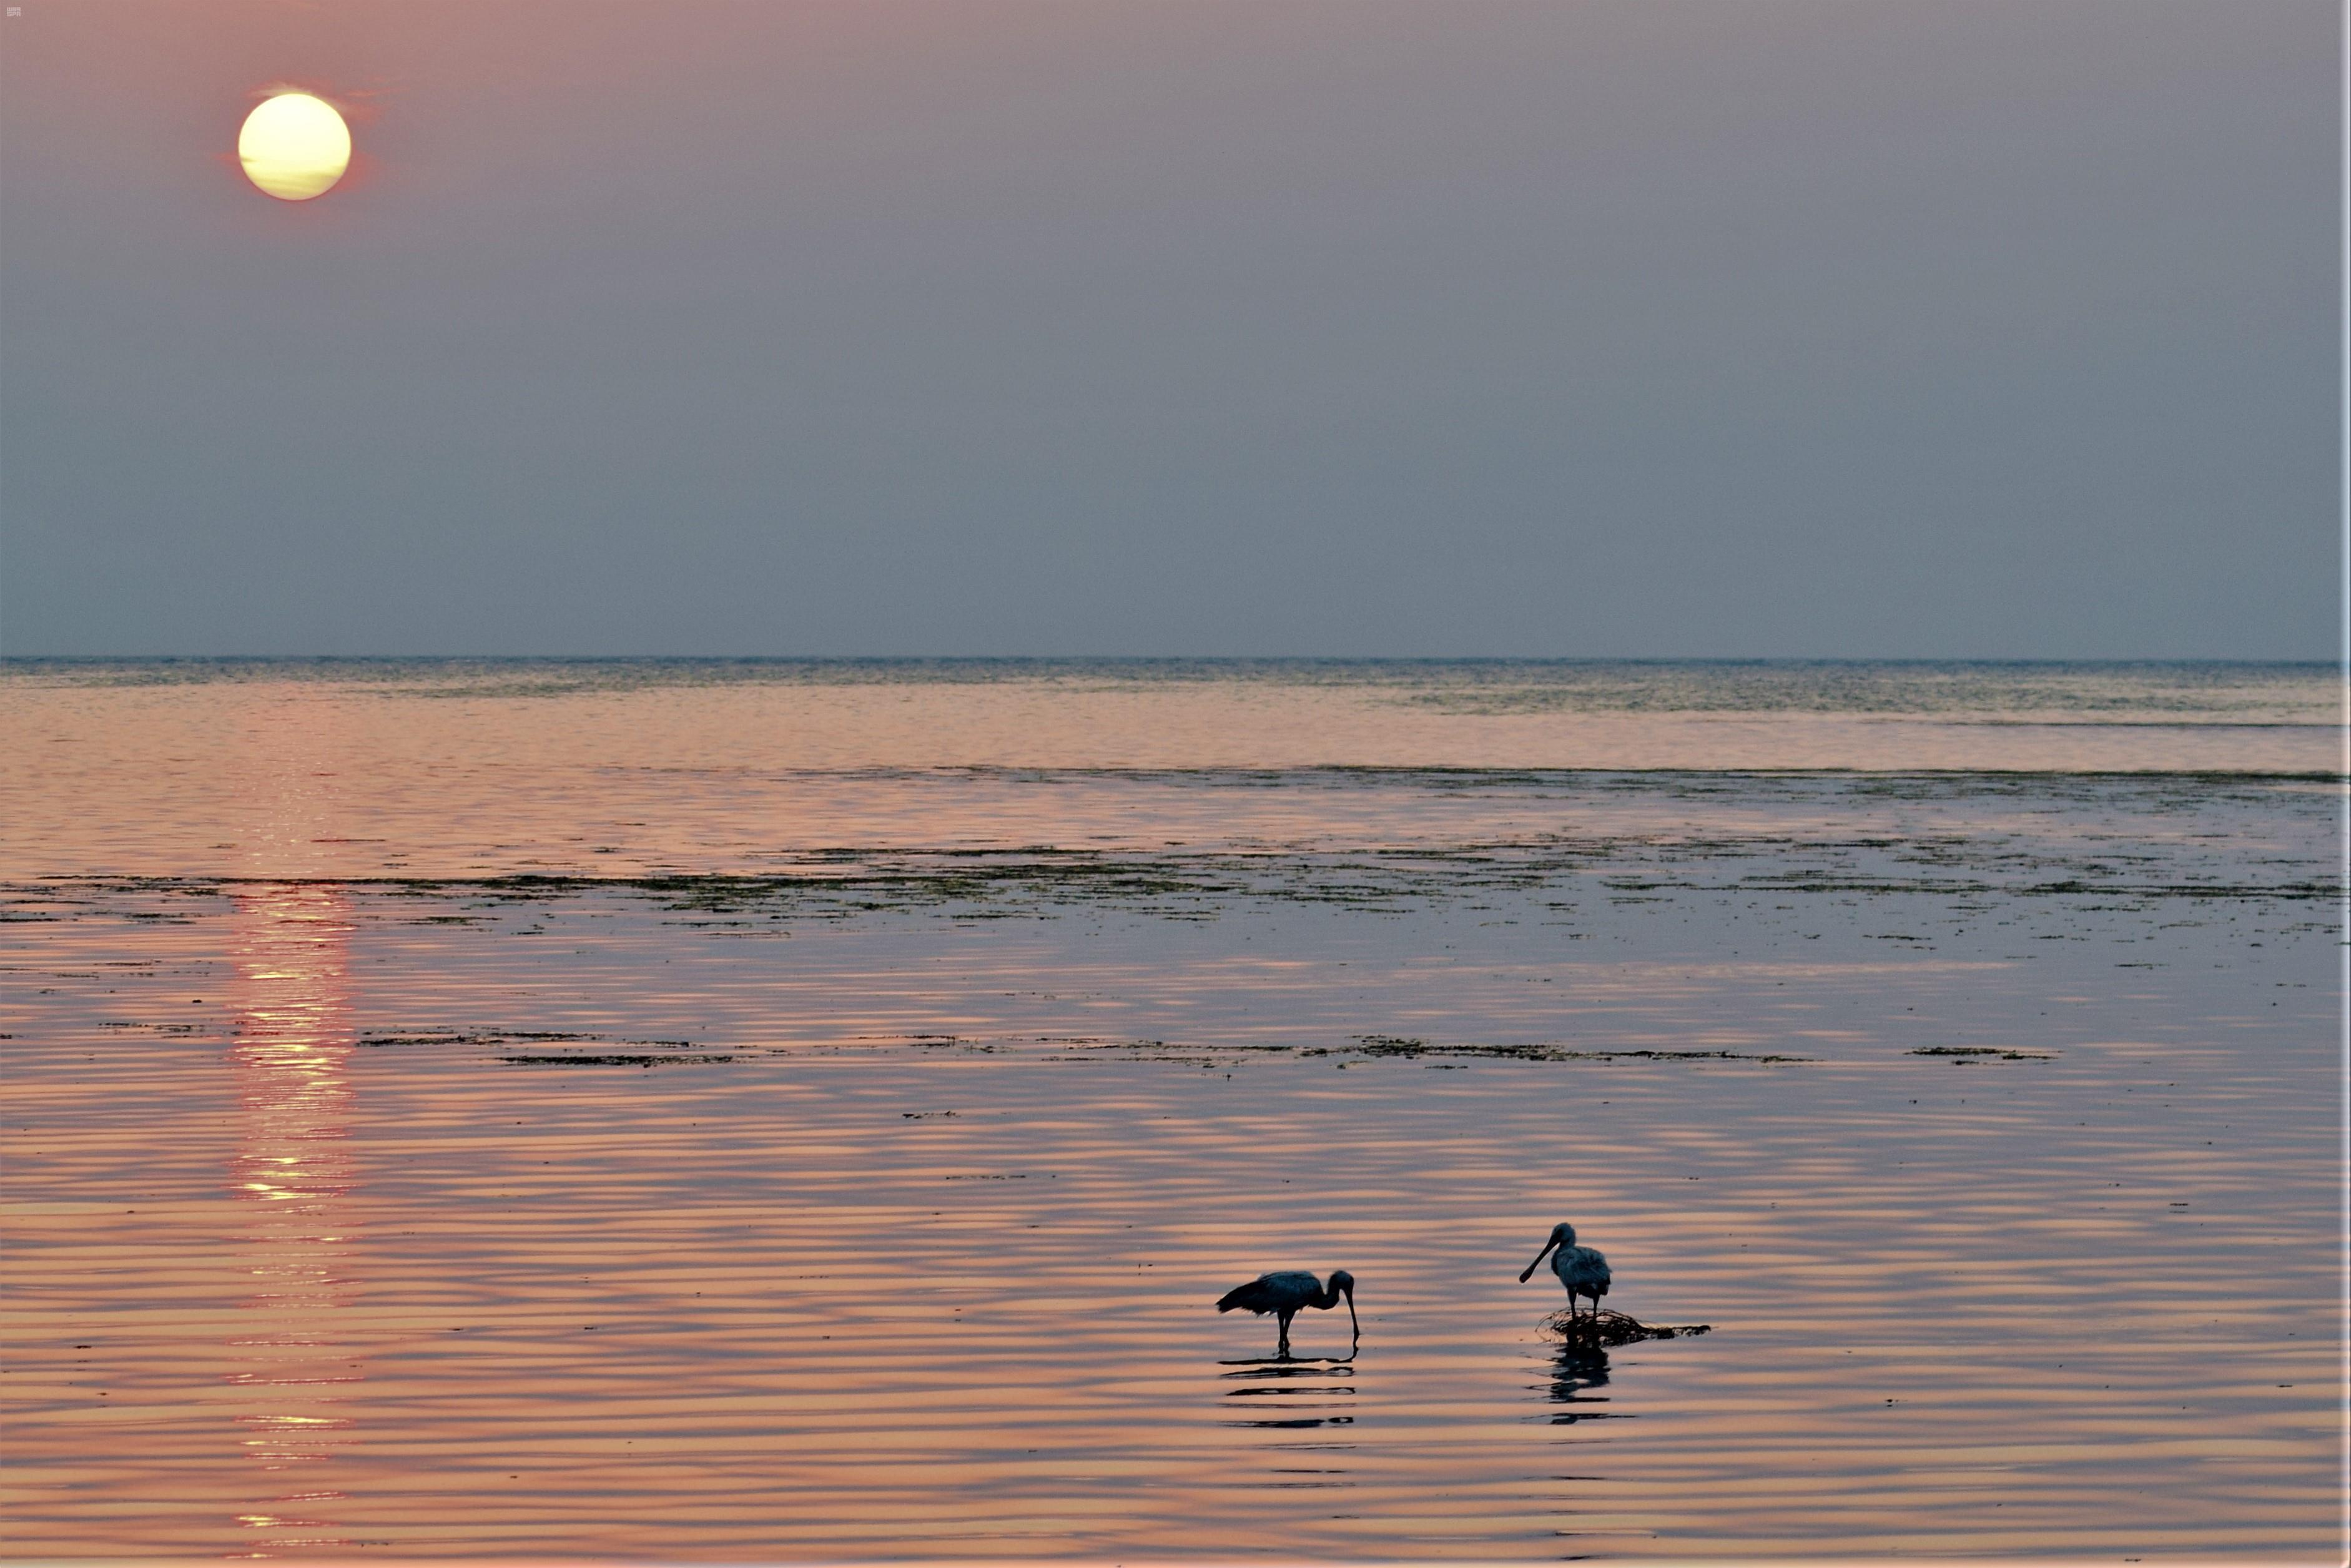 كورنيش الطيور المهاجرة من أهم الوجهات السياحية بالمملكة